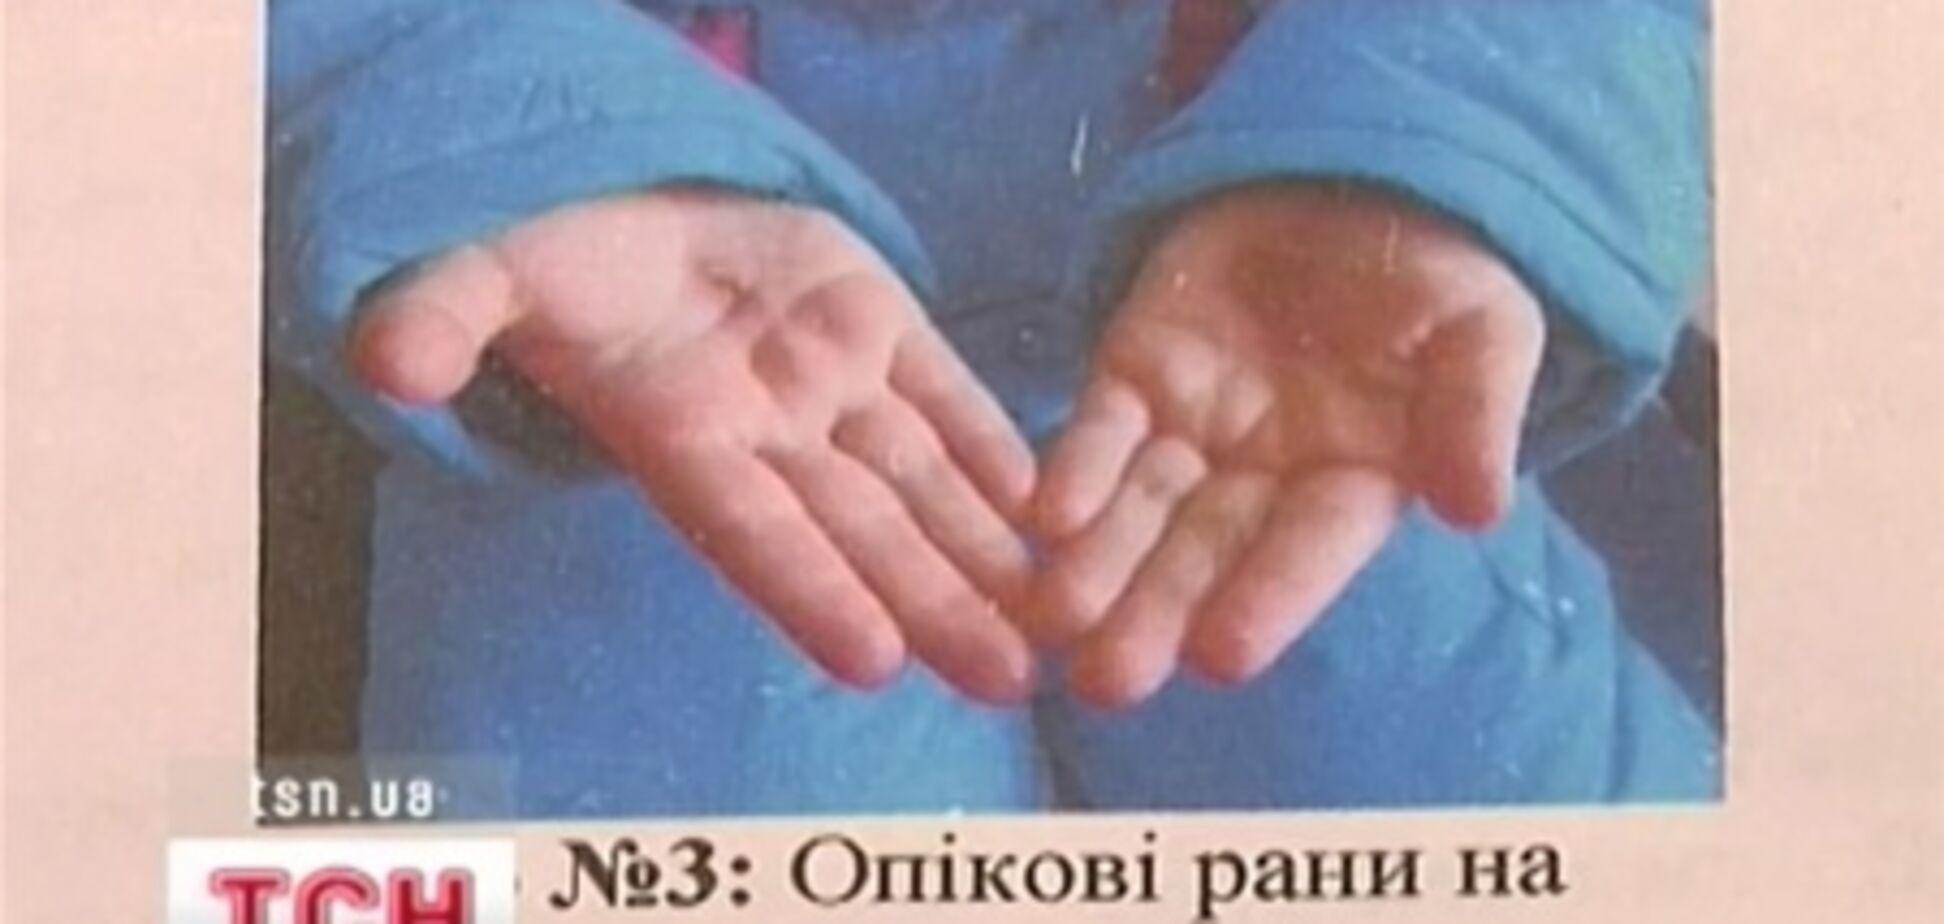 На Дніпропетровщині прийомна матір катувала дітей розпеченим залізом